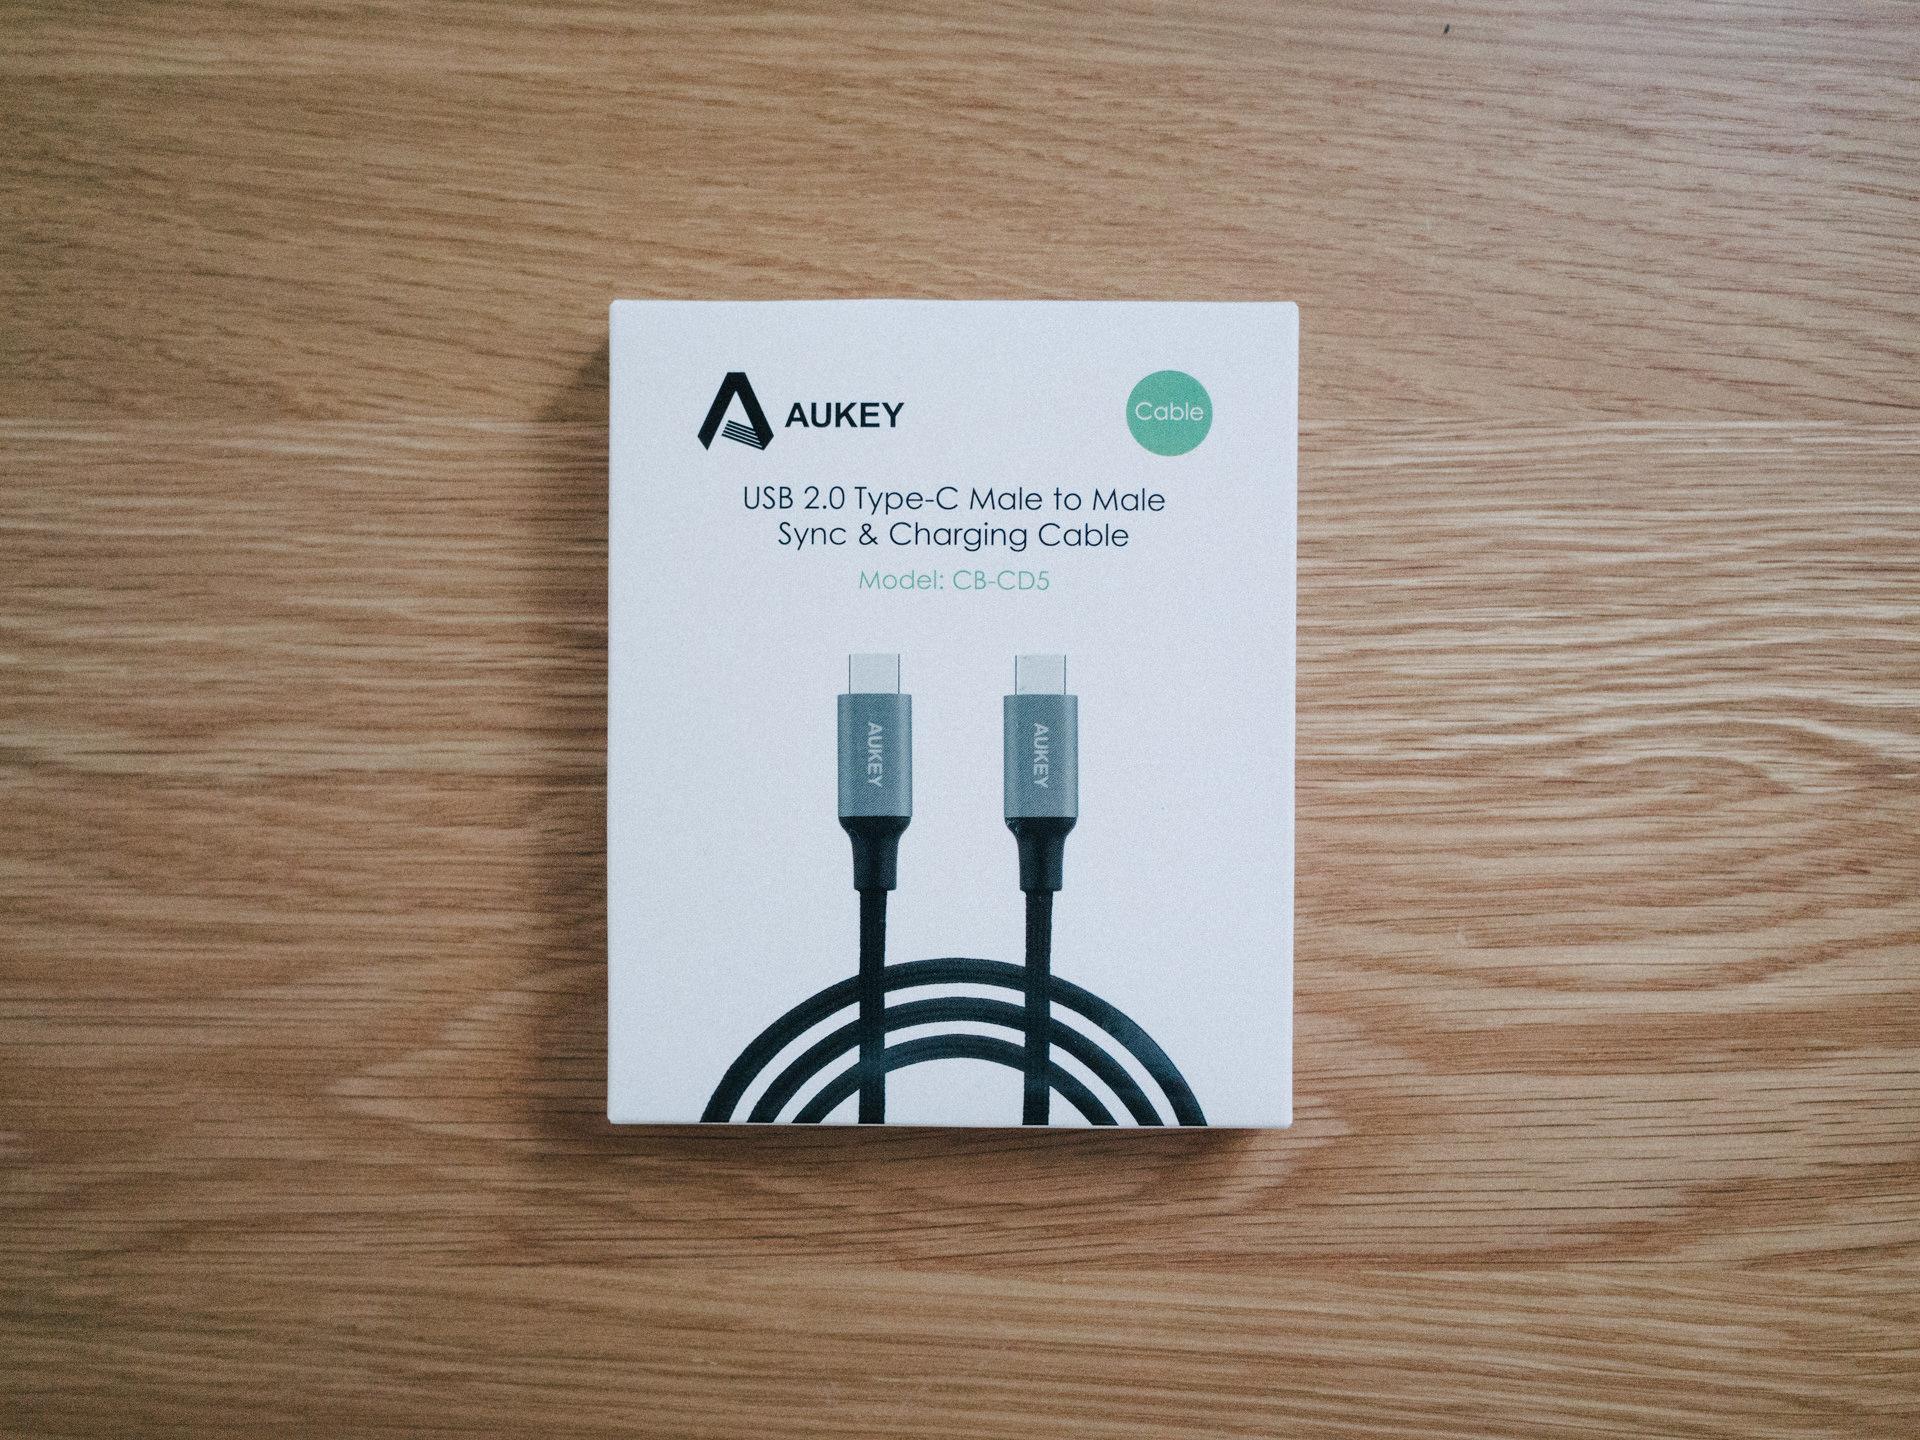 Aukey USB-C to USB-Cケーブルを購入してみた